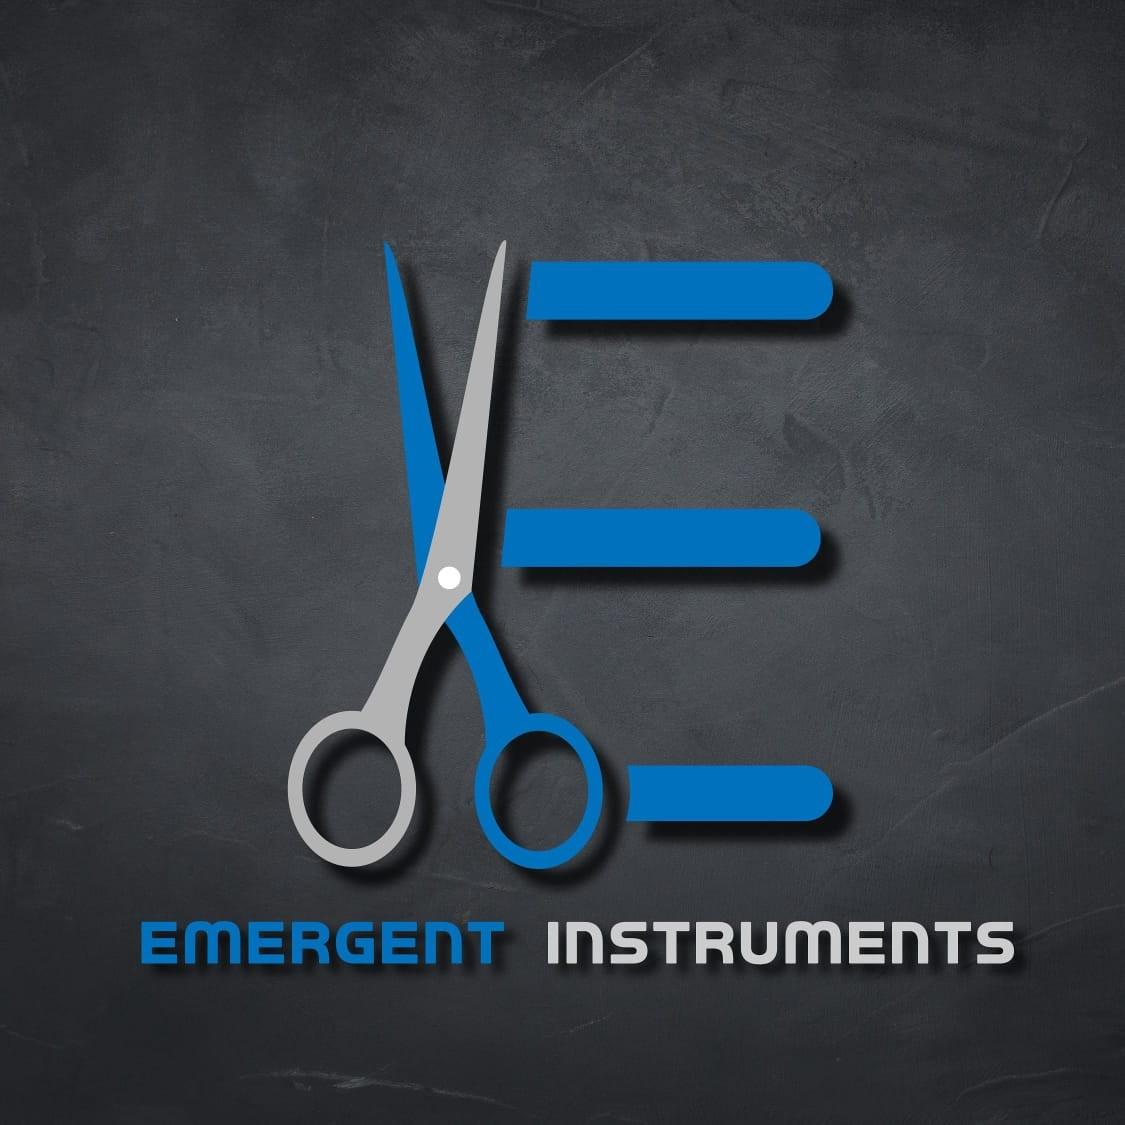 EMERGENT INSTRUMENTS